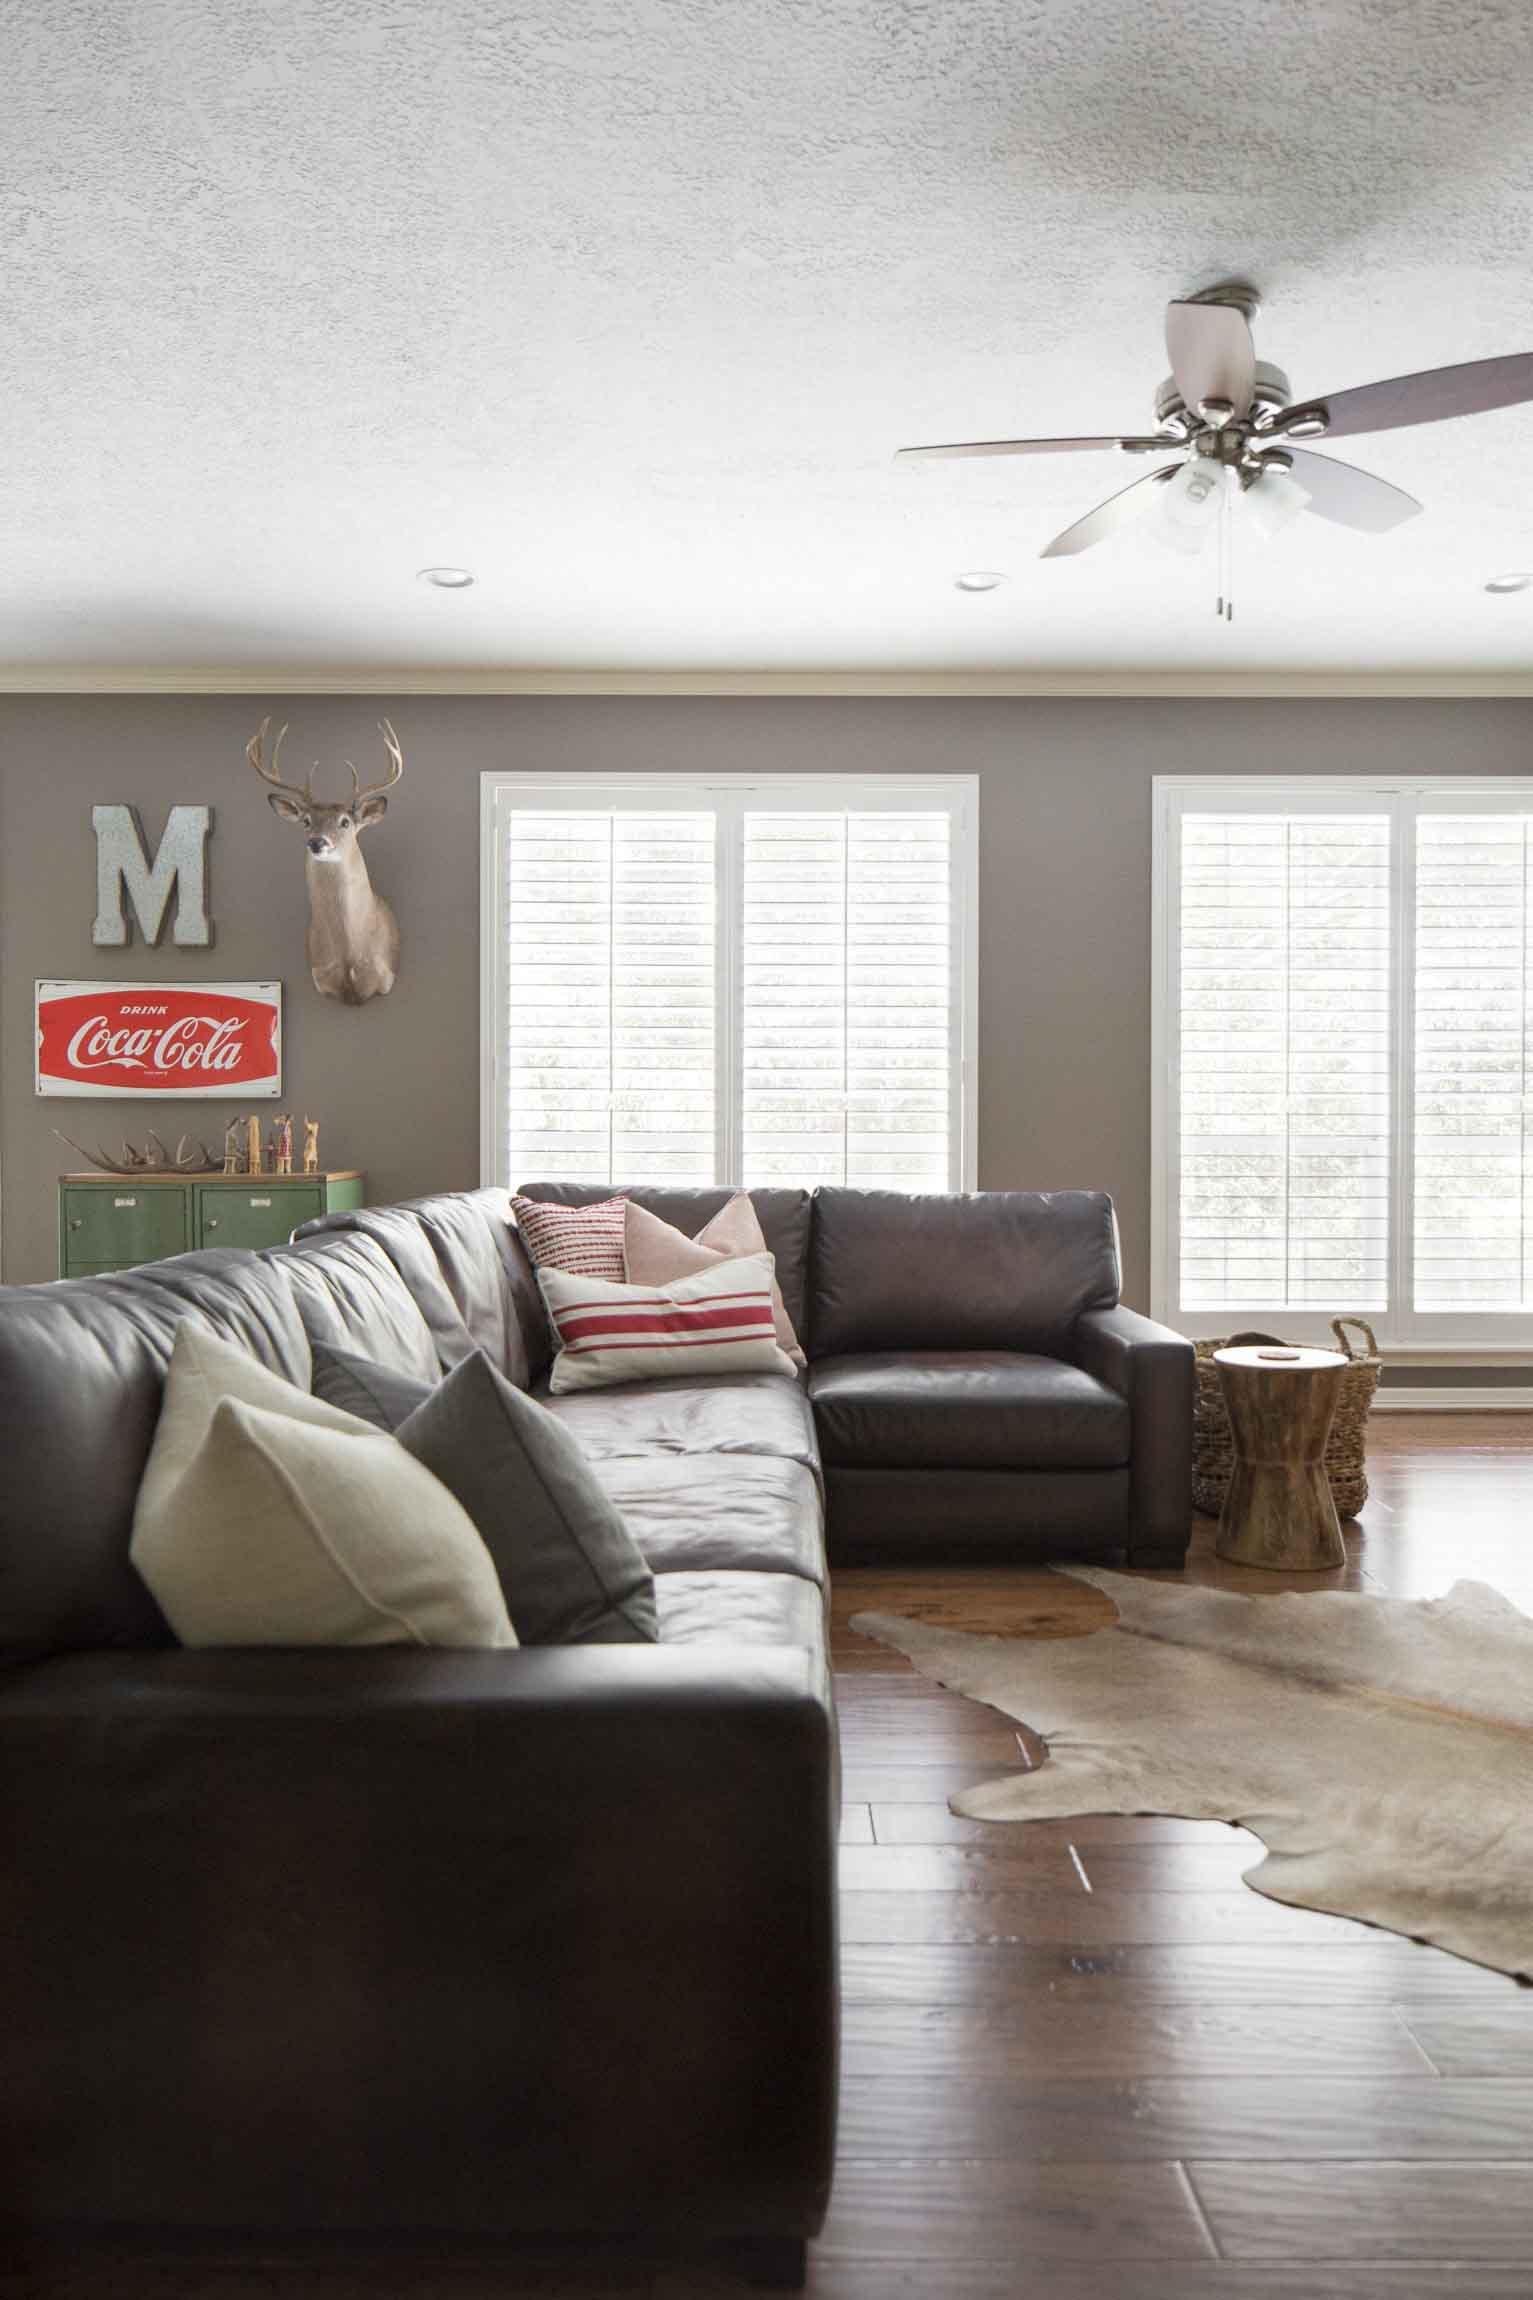 Moore House Interiors Tomball Metz00007.jpg